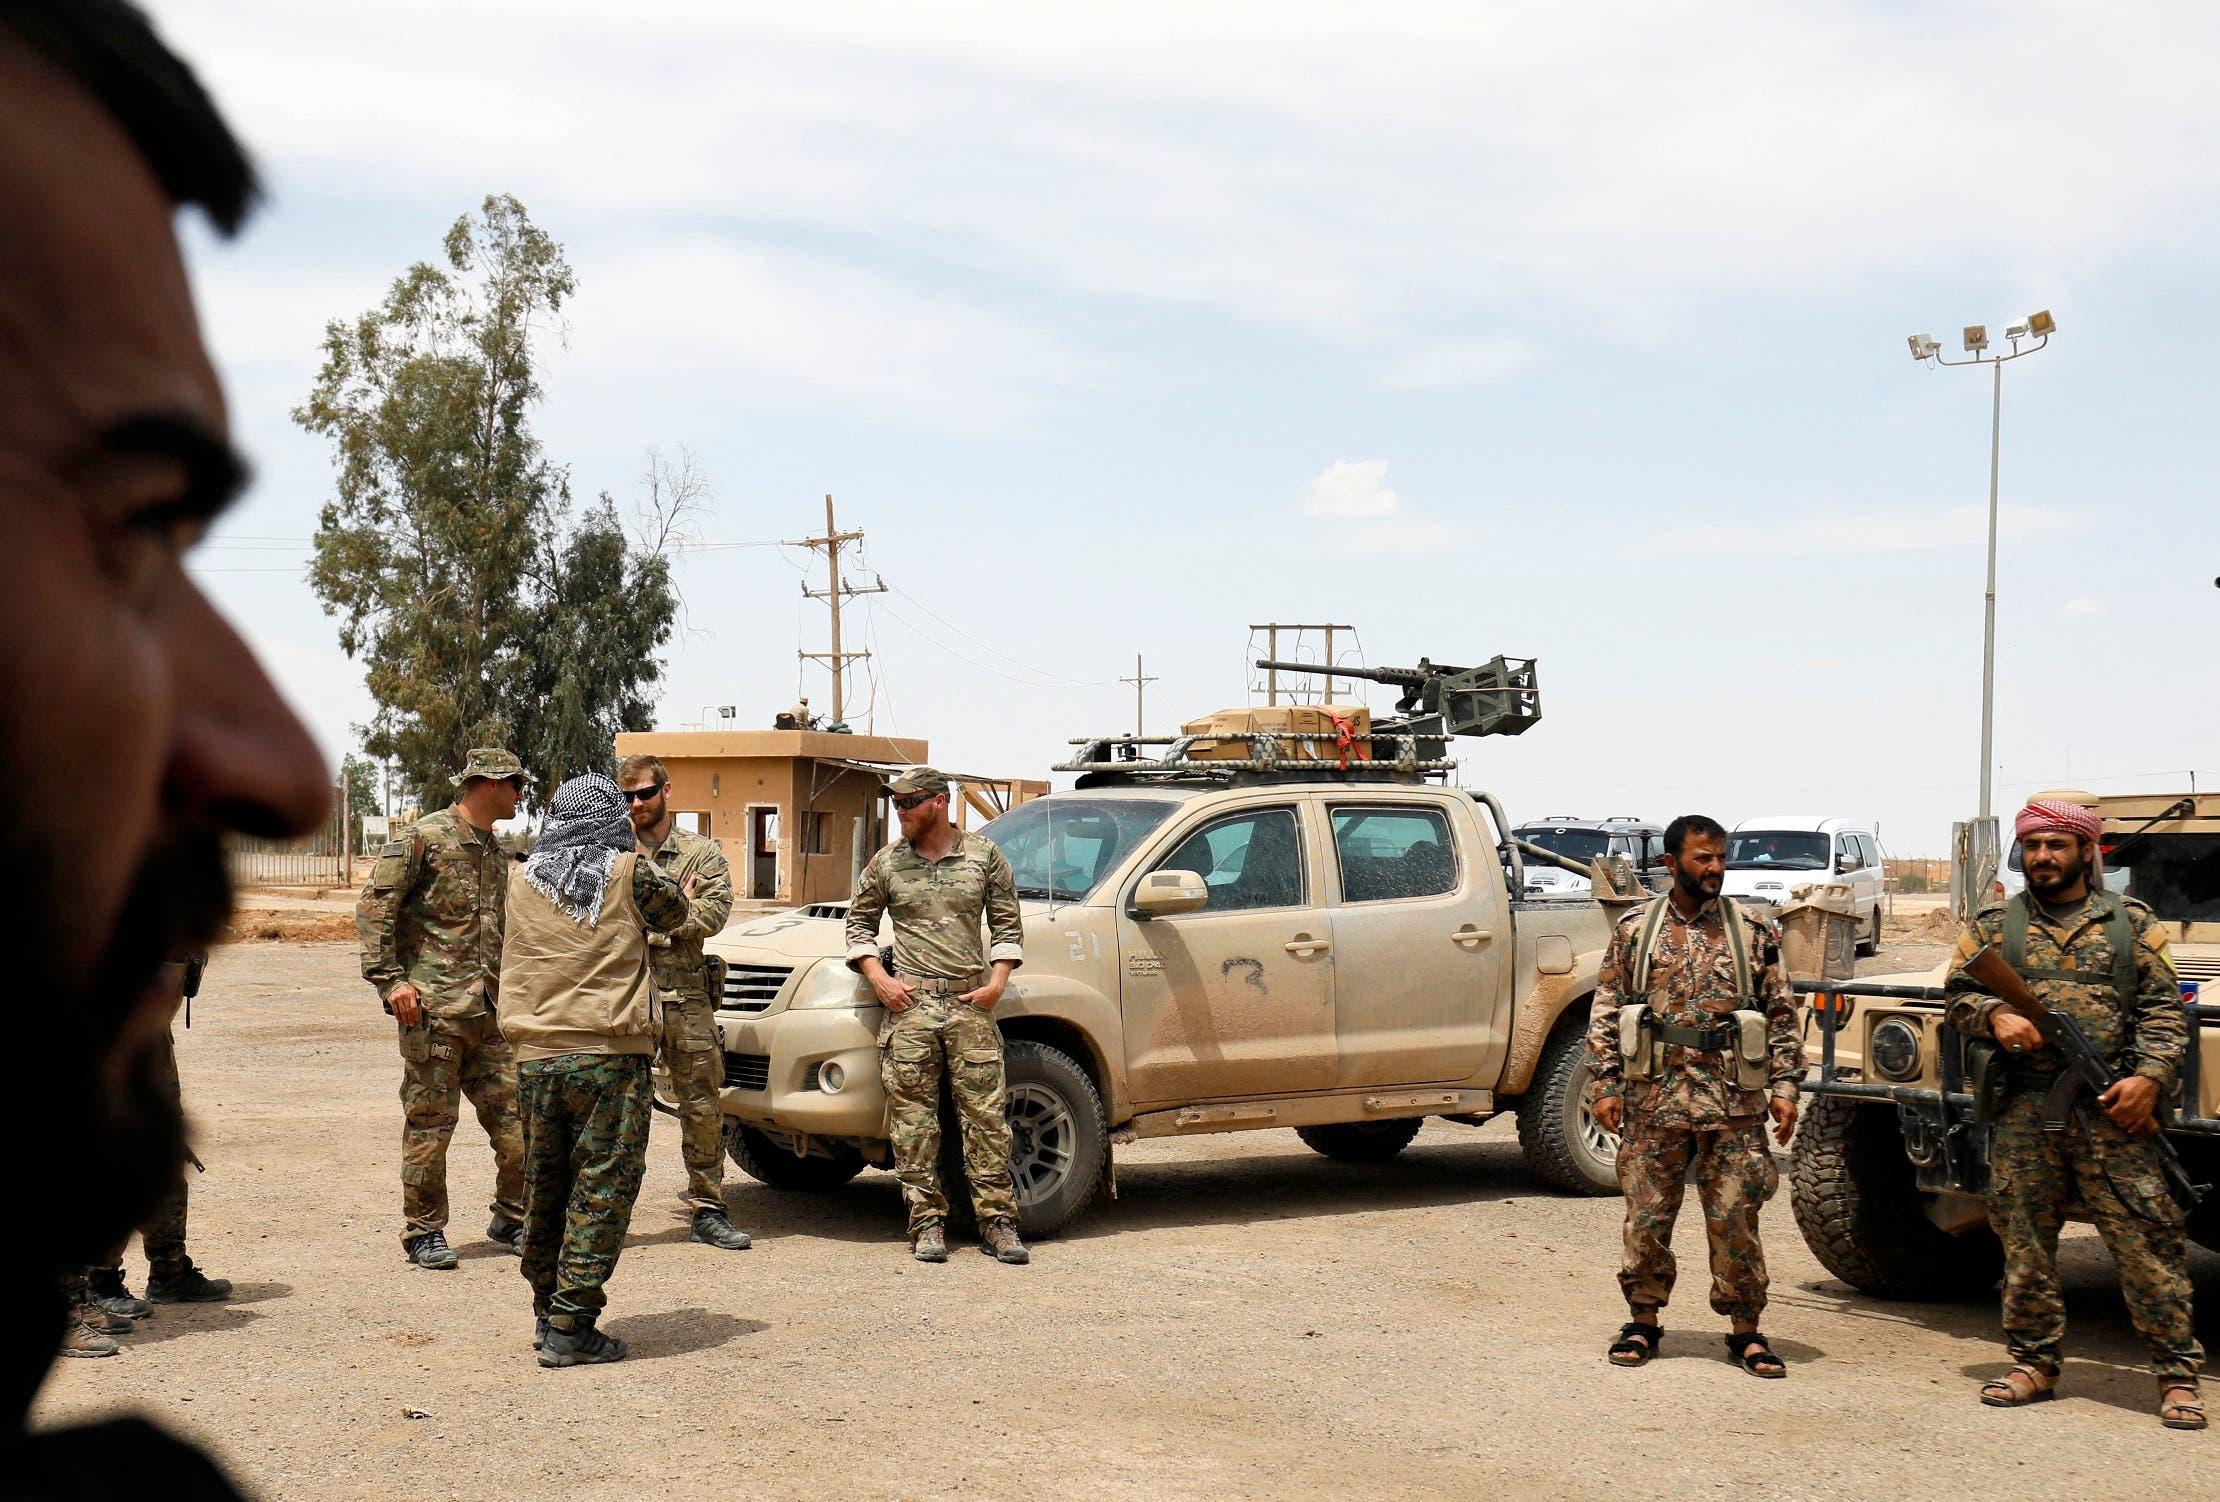 عناصر من قوات سوريا الديمقراطية قرب حقل نفطي في دير الزور (أرشيفية)